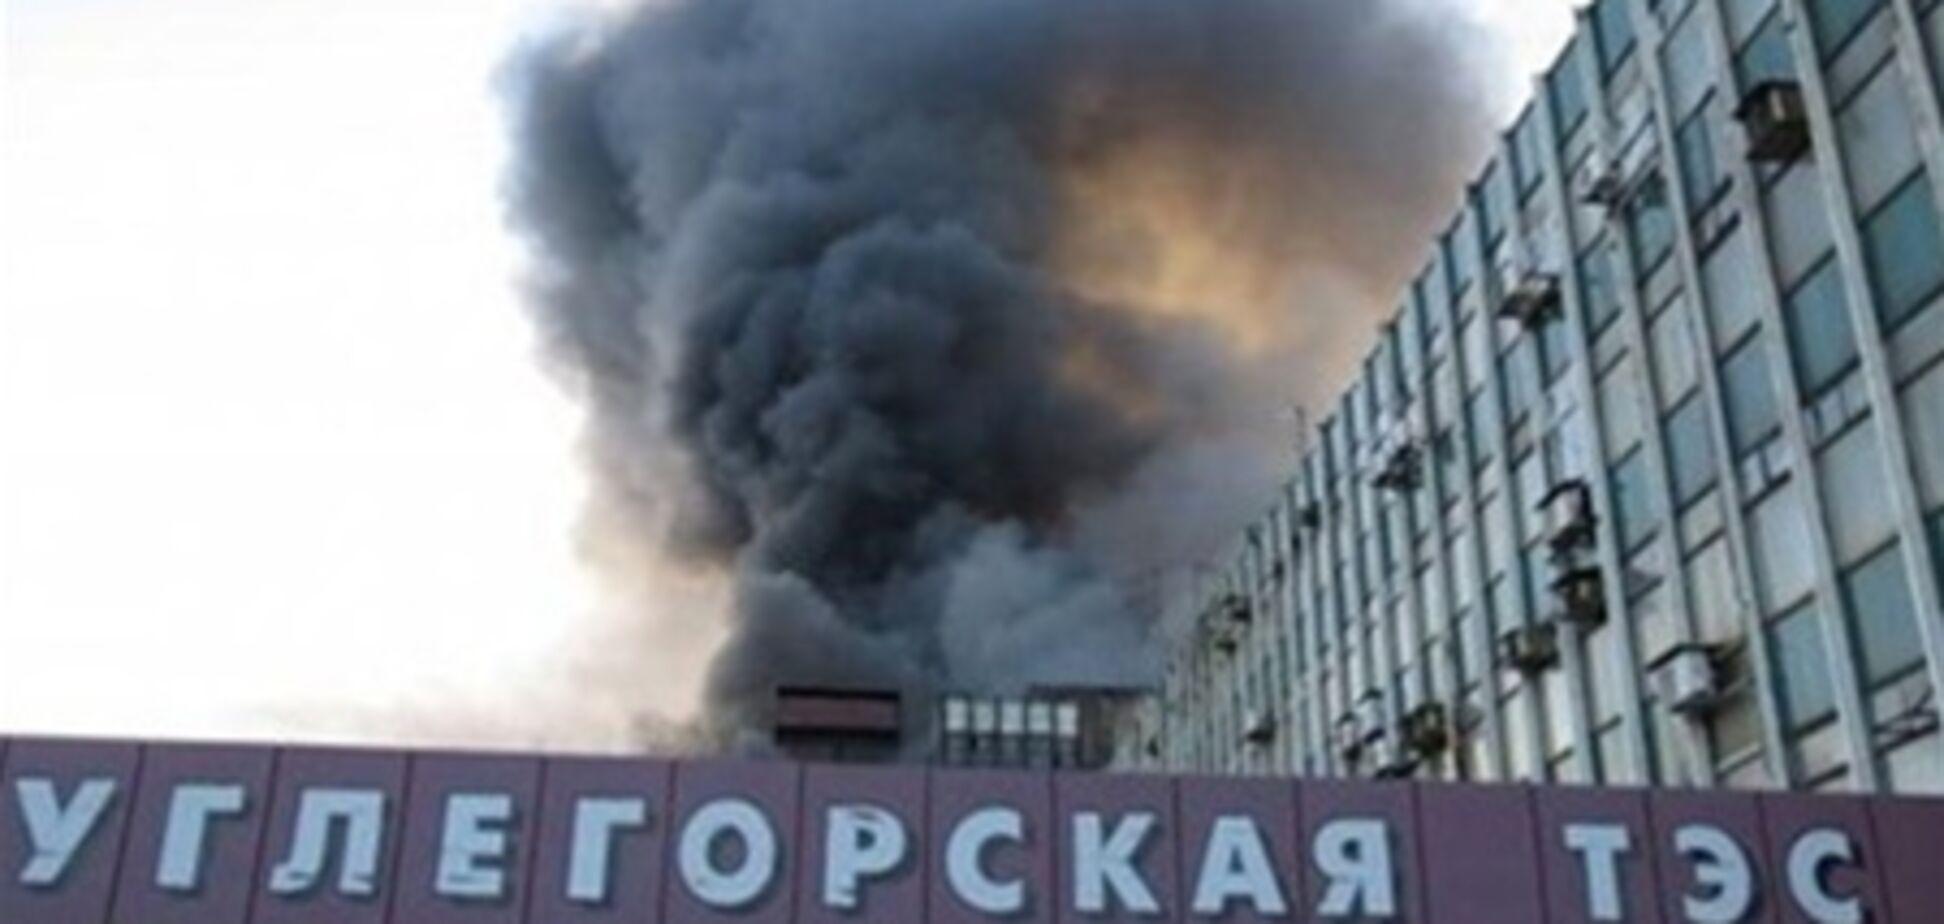 Ликвидирован пожар на Углегорской ТЭС